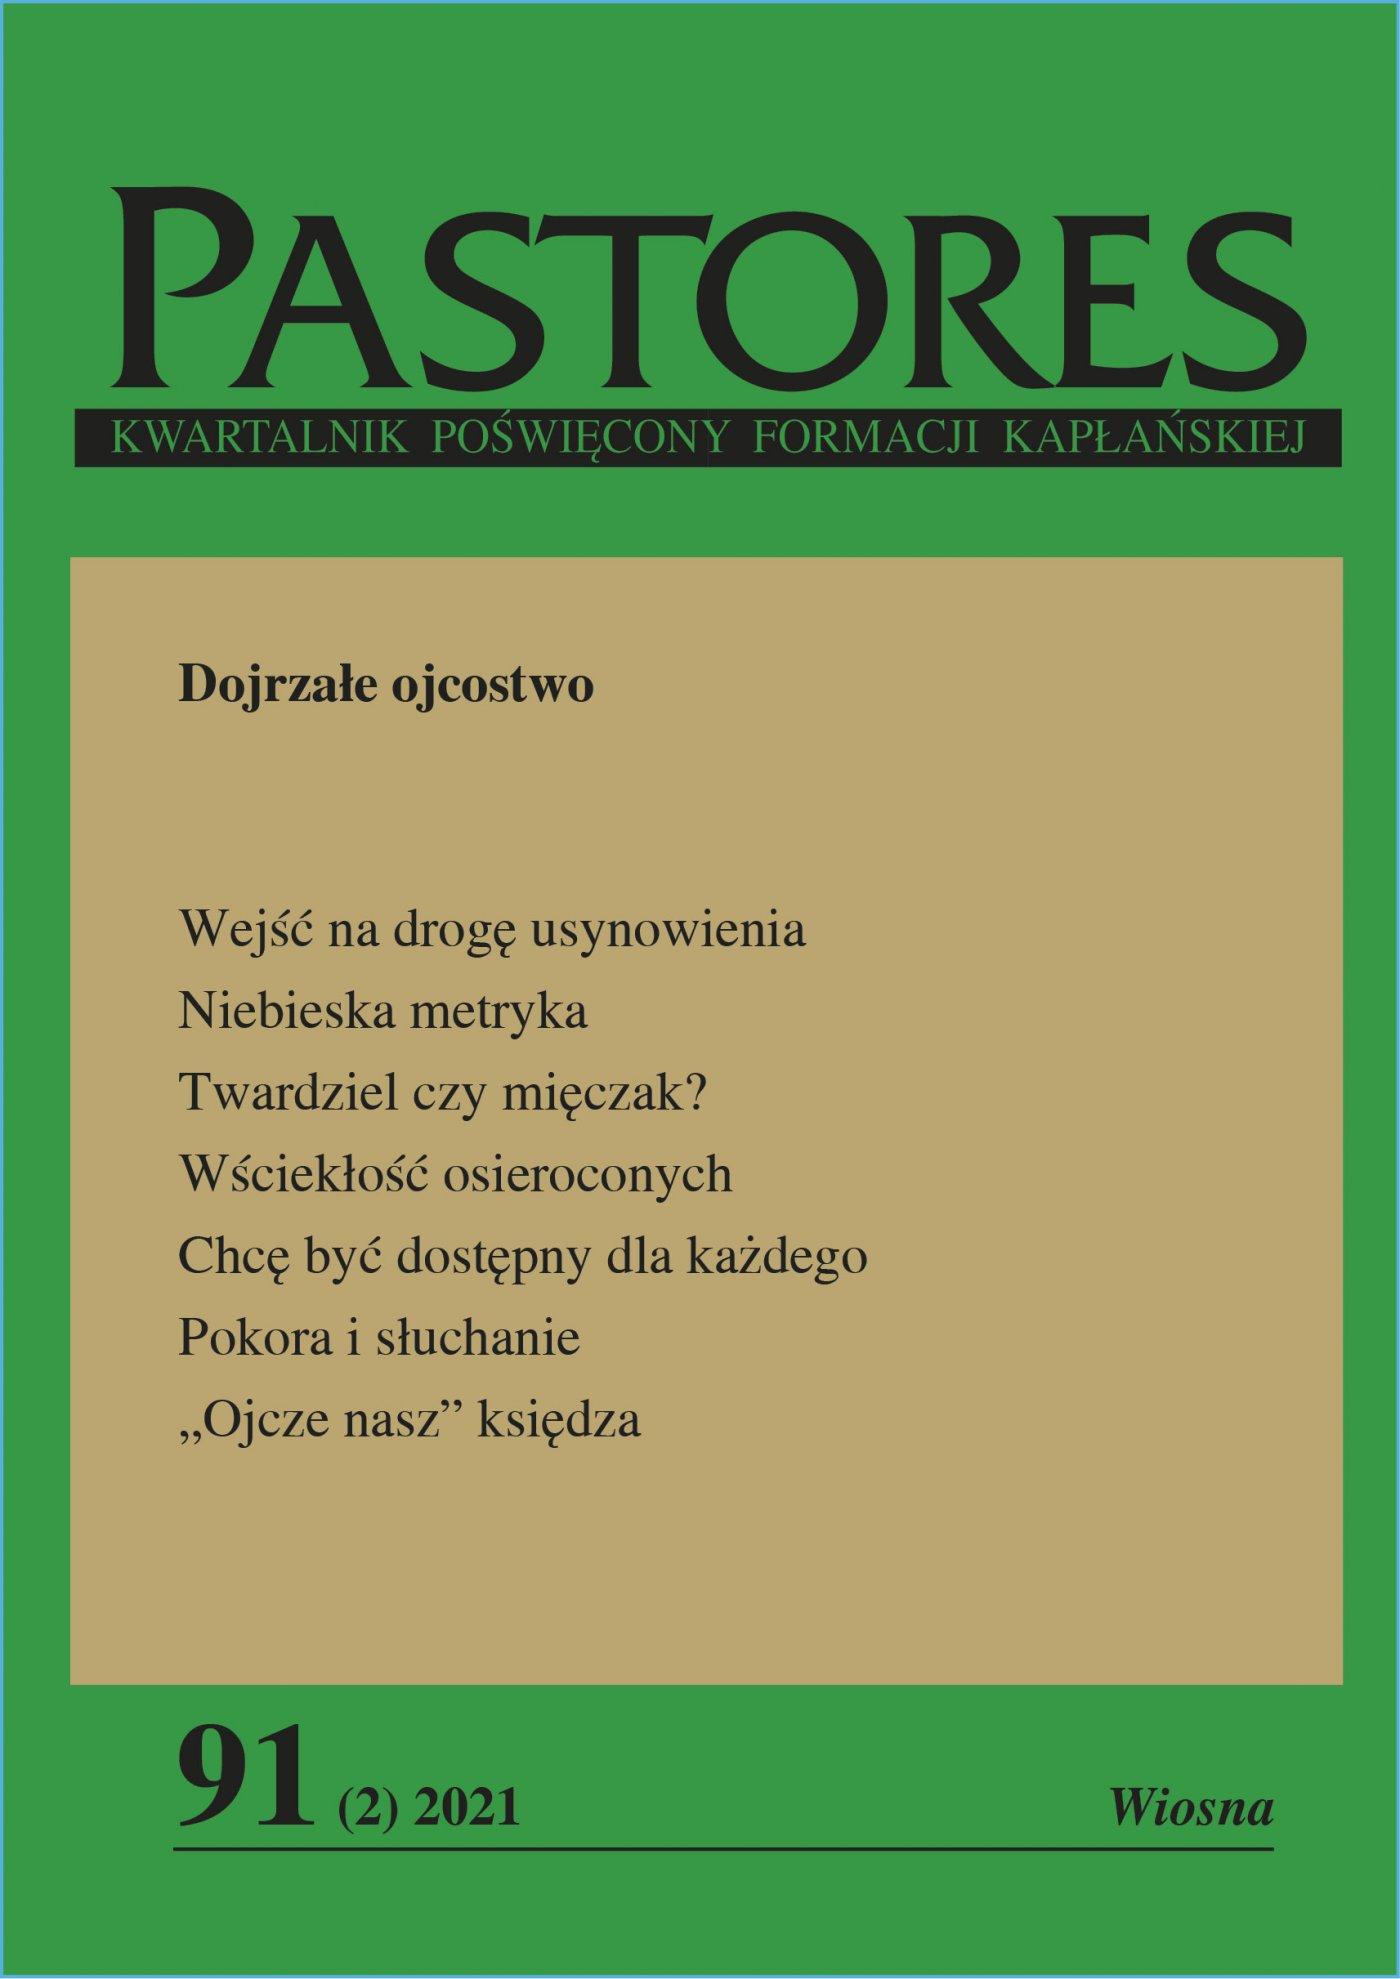 Pastores 91 (2) 2021 - Ebook (Książka EPUB) do pobrania w formacie EPUB